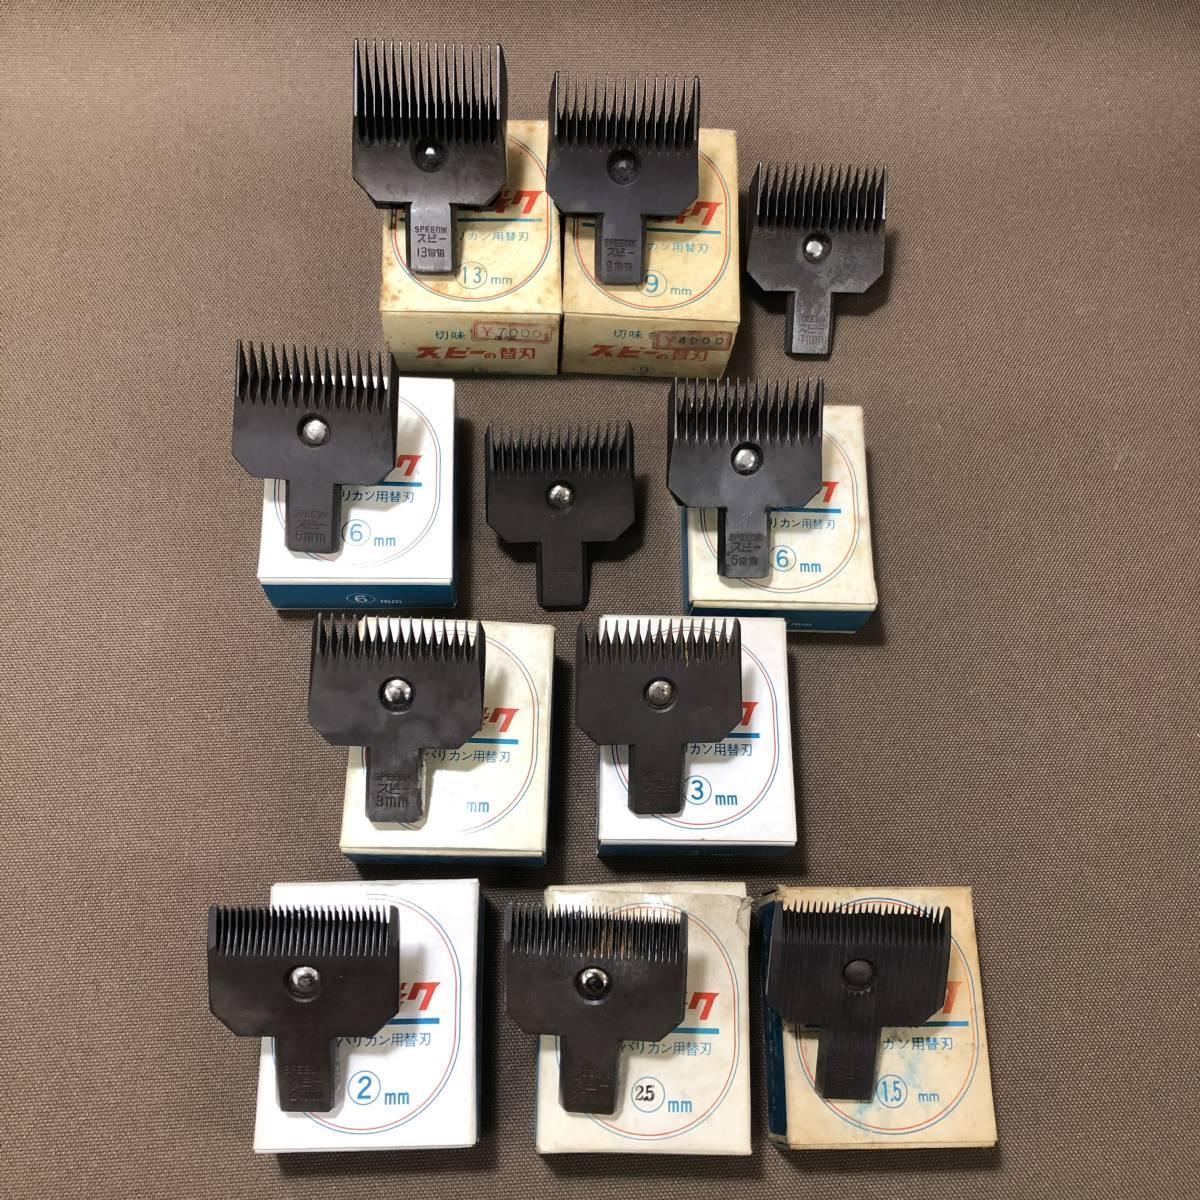 電気 電動 バリカン 替刃 スピーディク SPEEDIK 理容 バリカン トリマー トリミング ペット用品 13mm 9mm 6mm 等 11個まとめて A-k5